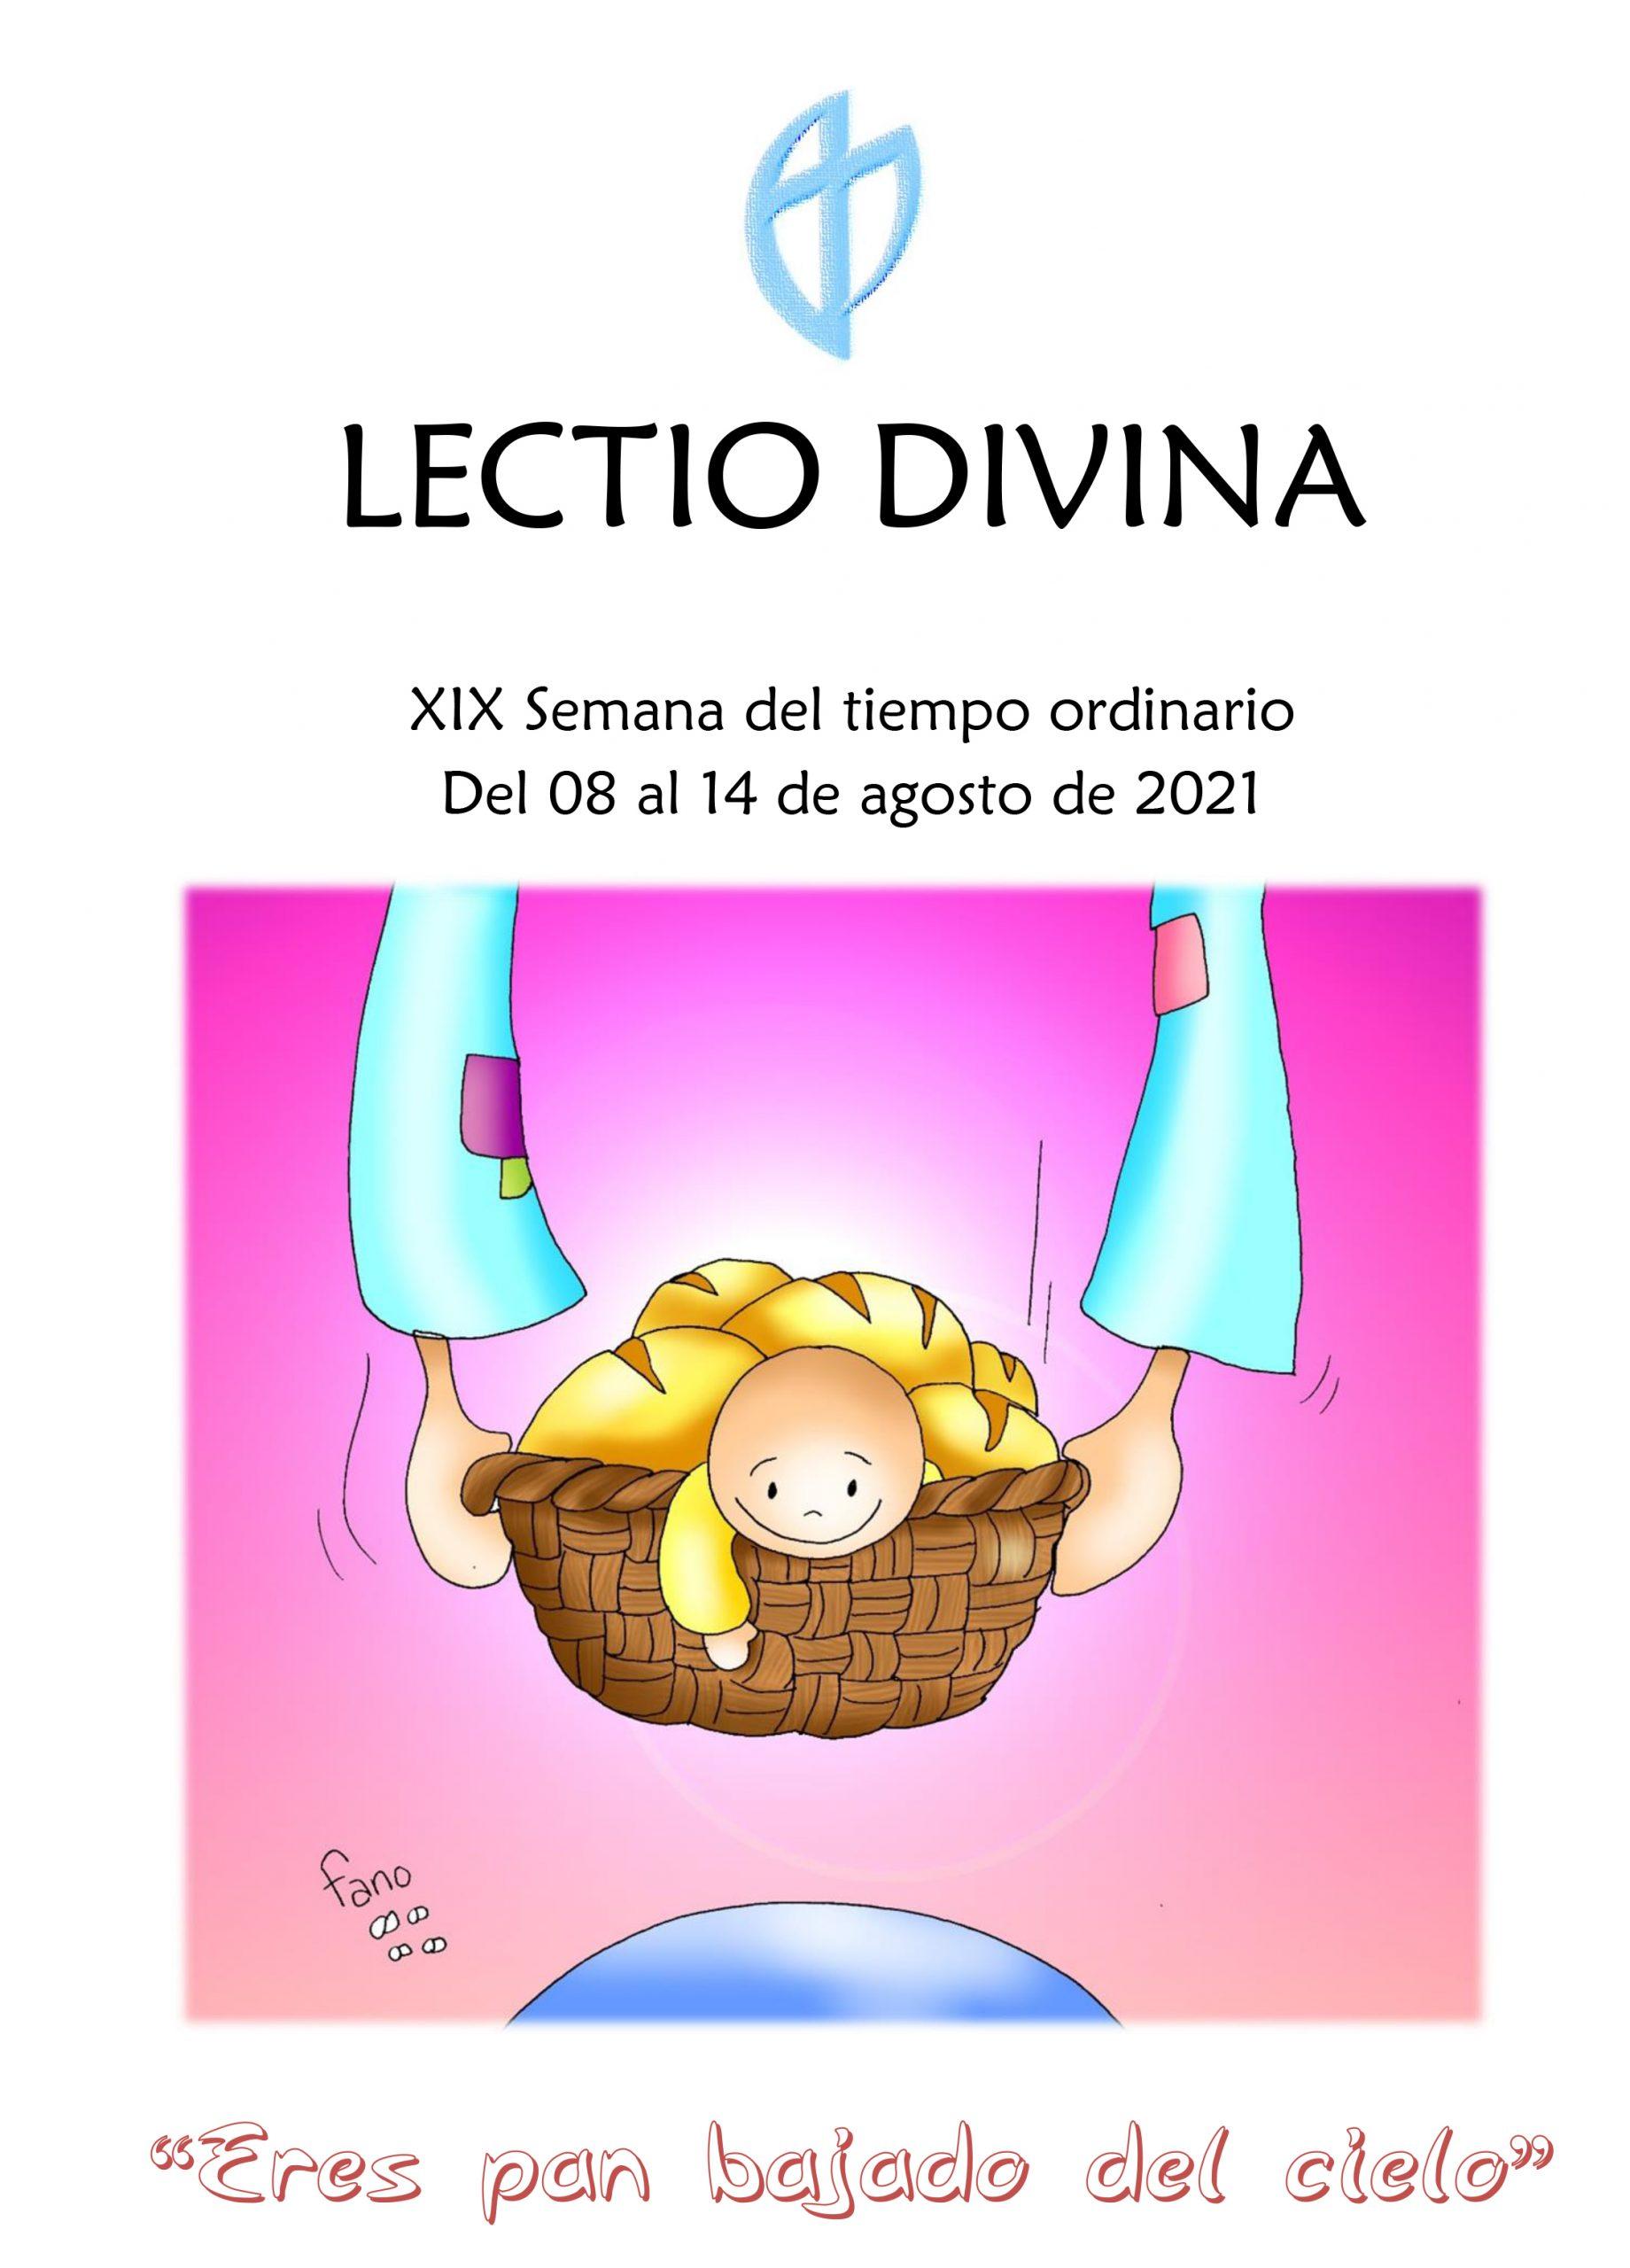 XIX Semana del tiempo ordinario (del 08 al 14 de agosto de 2021)